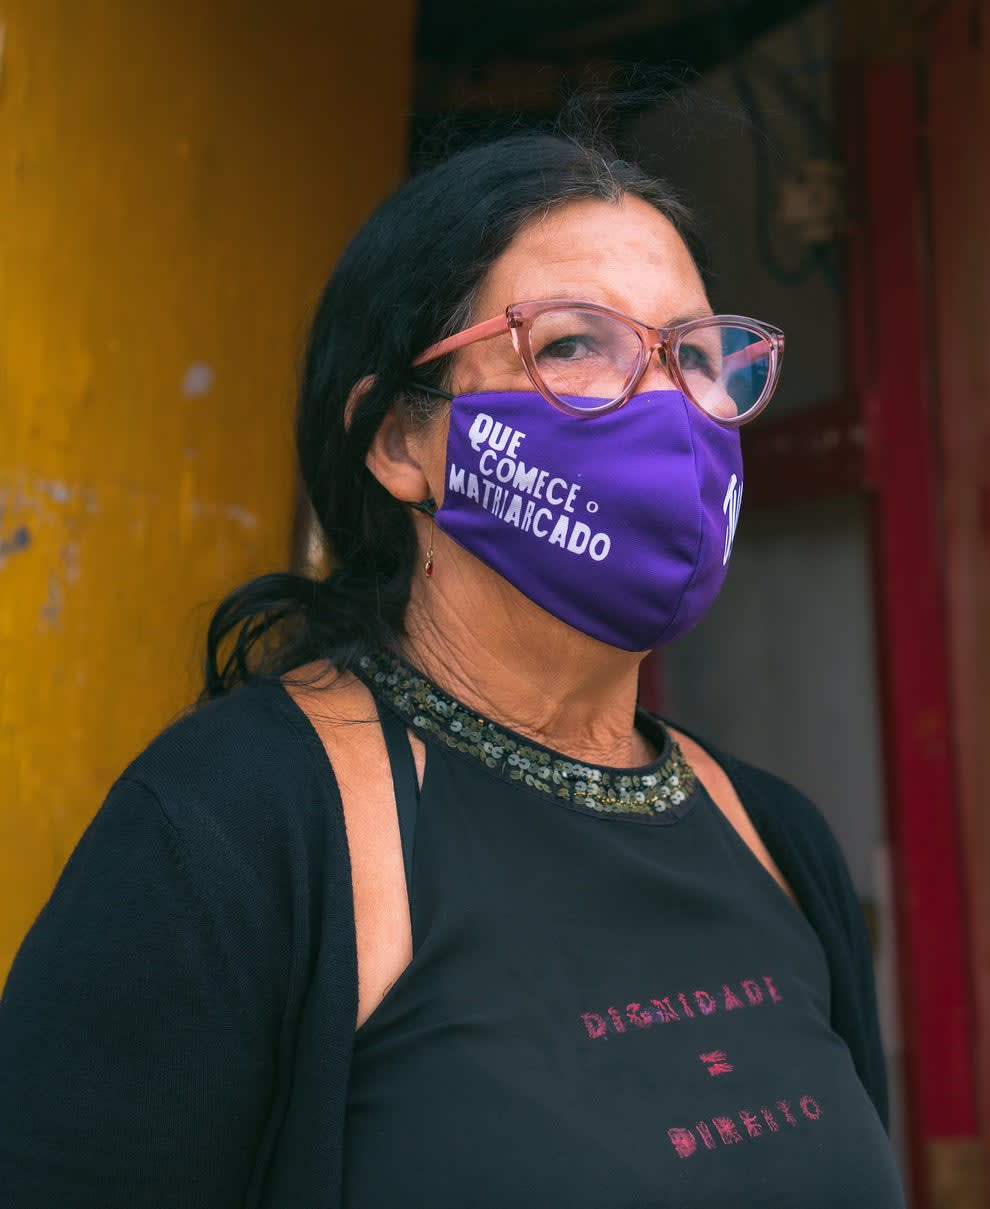 Dona Cigana, moradora da ocupação, vestindo uma camiseta preta onde se lê Dignidade = Direito e uma máscara rosa escrito Que Comece o Matriarcado.